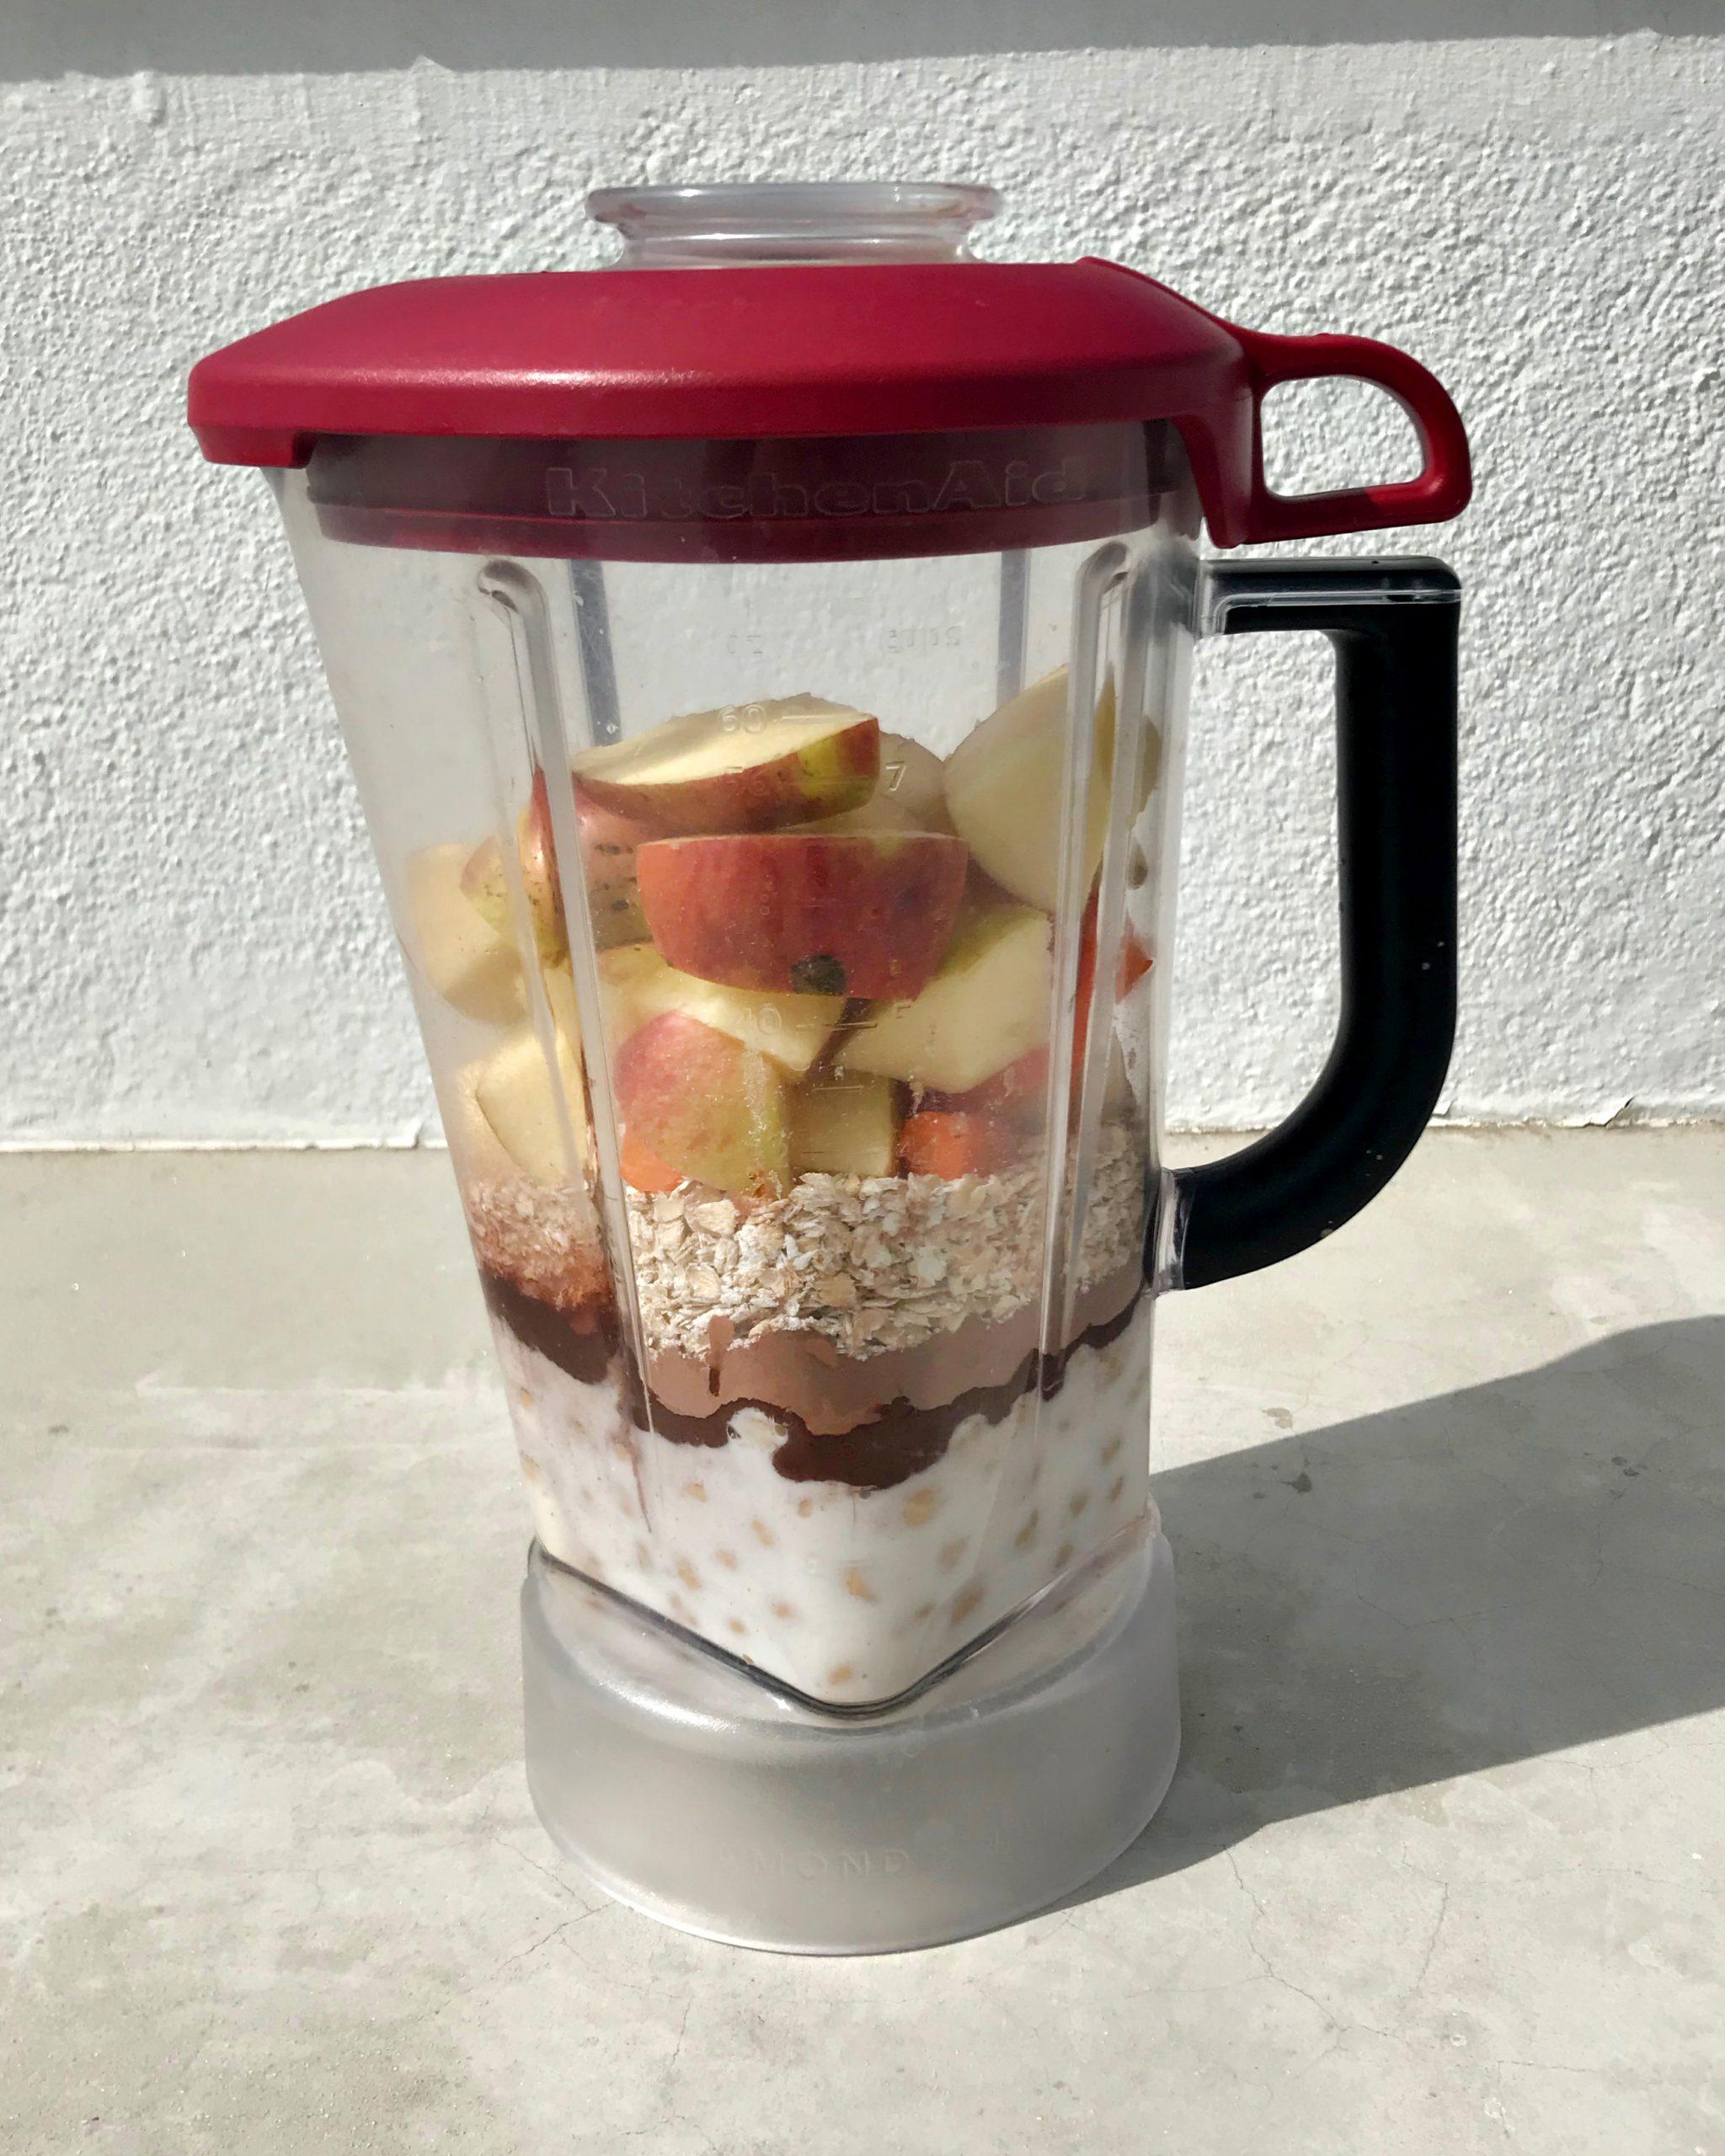 φρούτα και υλικα στο μπλέντερ